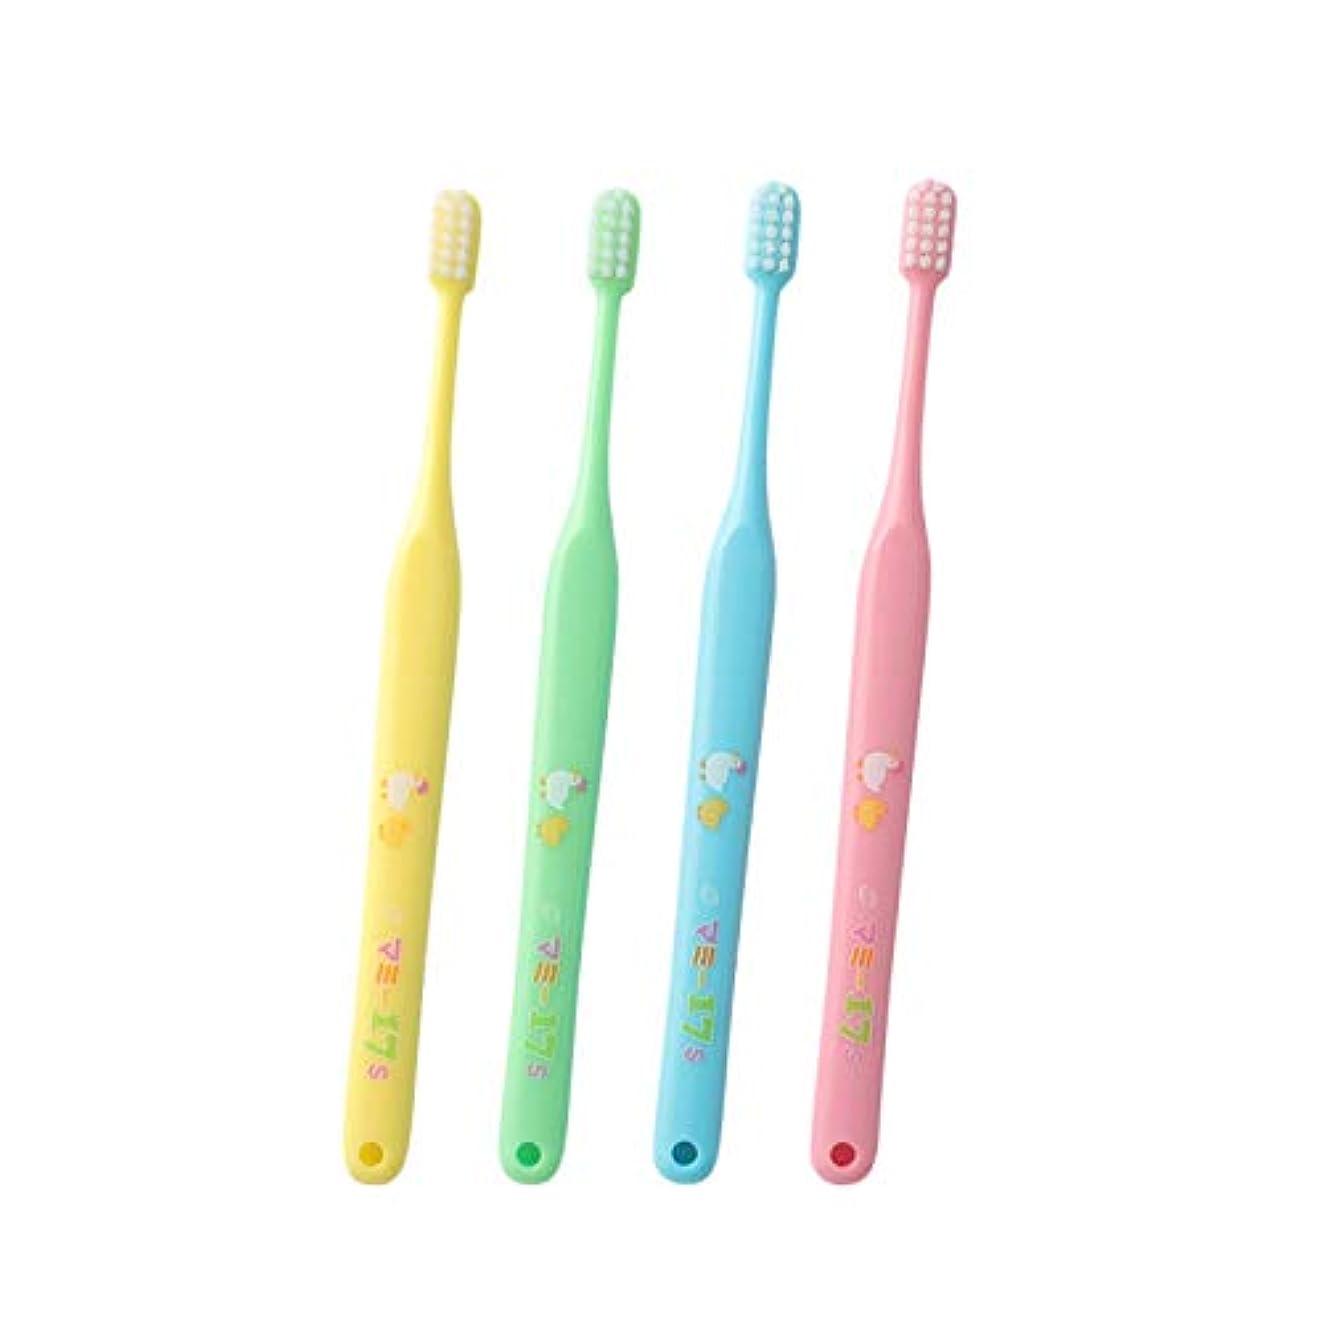 インテリアパリティスポンサーオーラルケア マミー17 歯ブラシ 25本入 アソート (S)